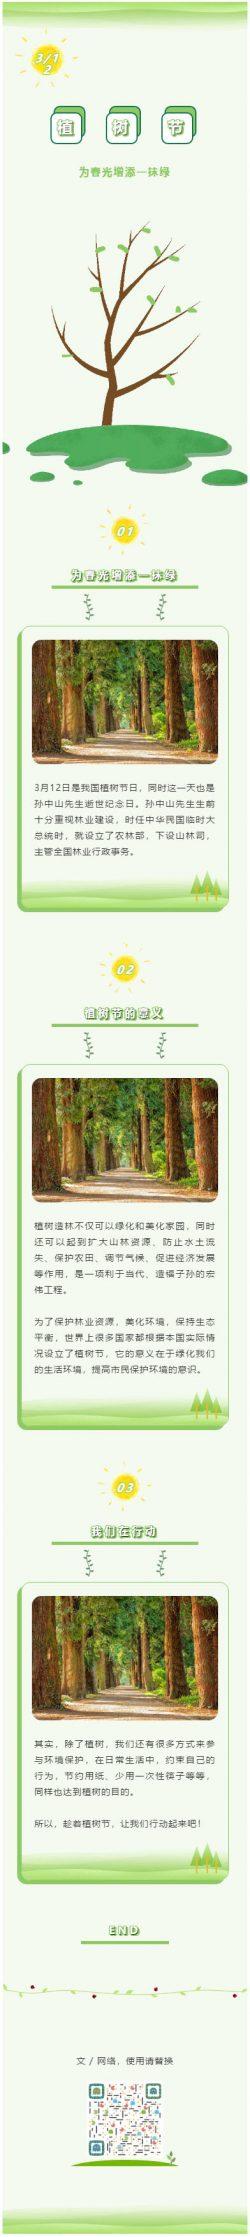 植树节春天绿色模板微信公众号推文模板推送图文素材